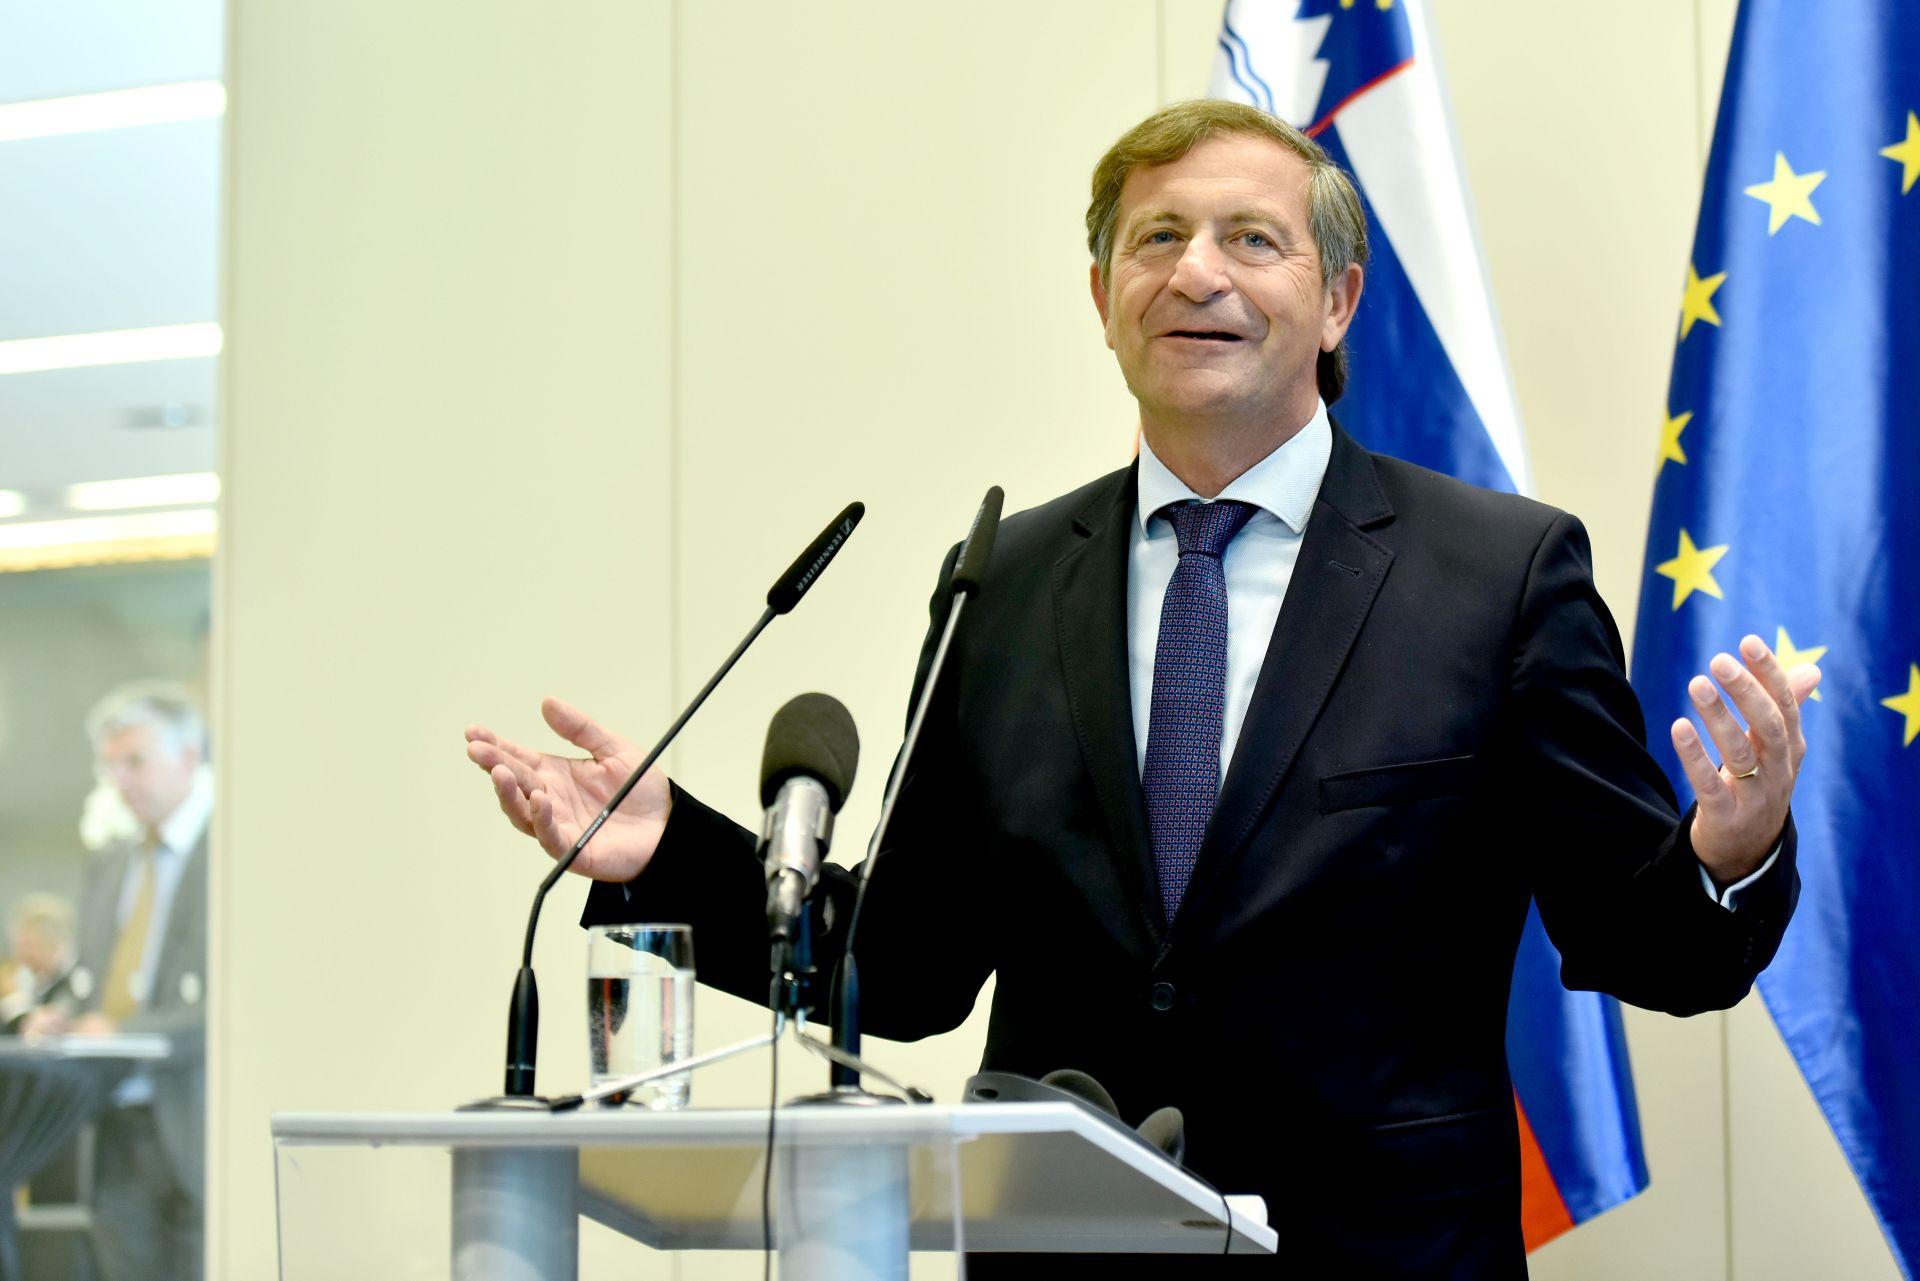 ERJAVEC 'Žao mi je što nova hrvatska vlada nije promijenila mišljenje o arbitraži, očekujem pritisak Bruxellesa'